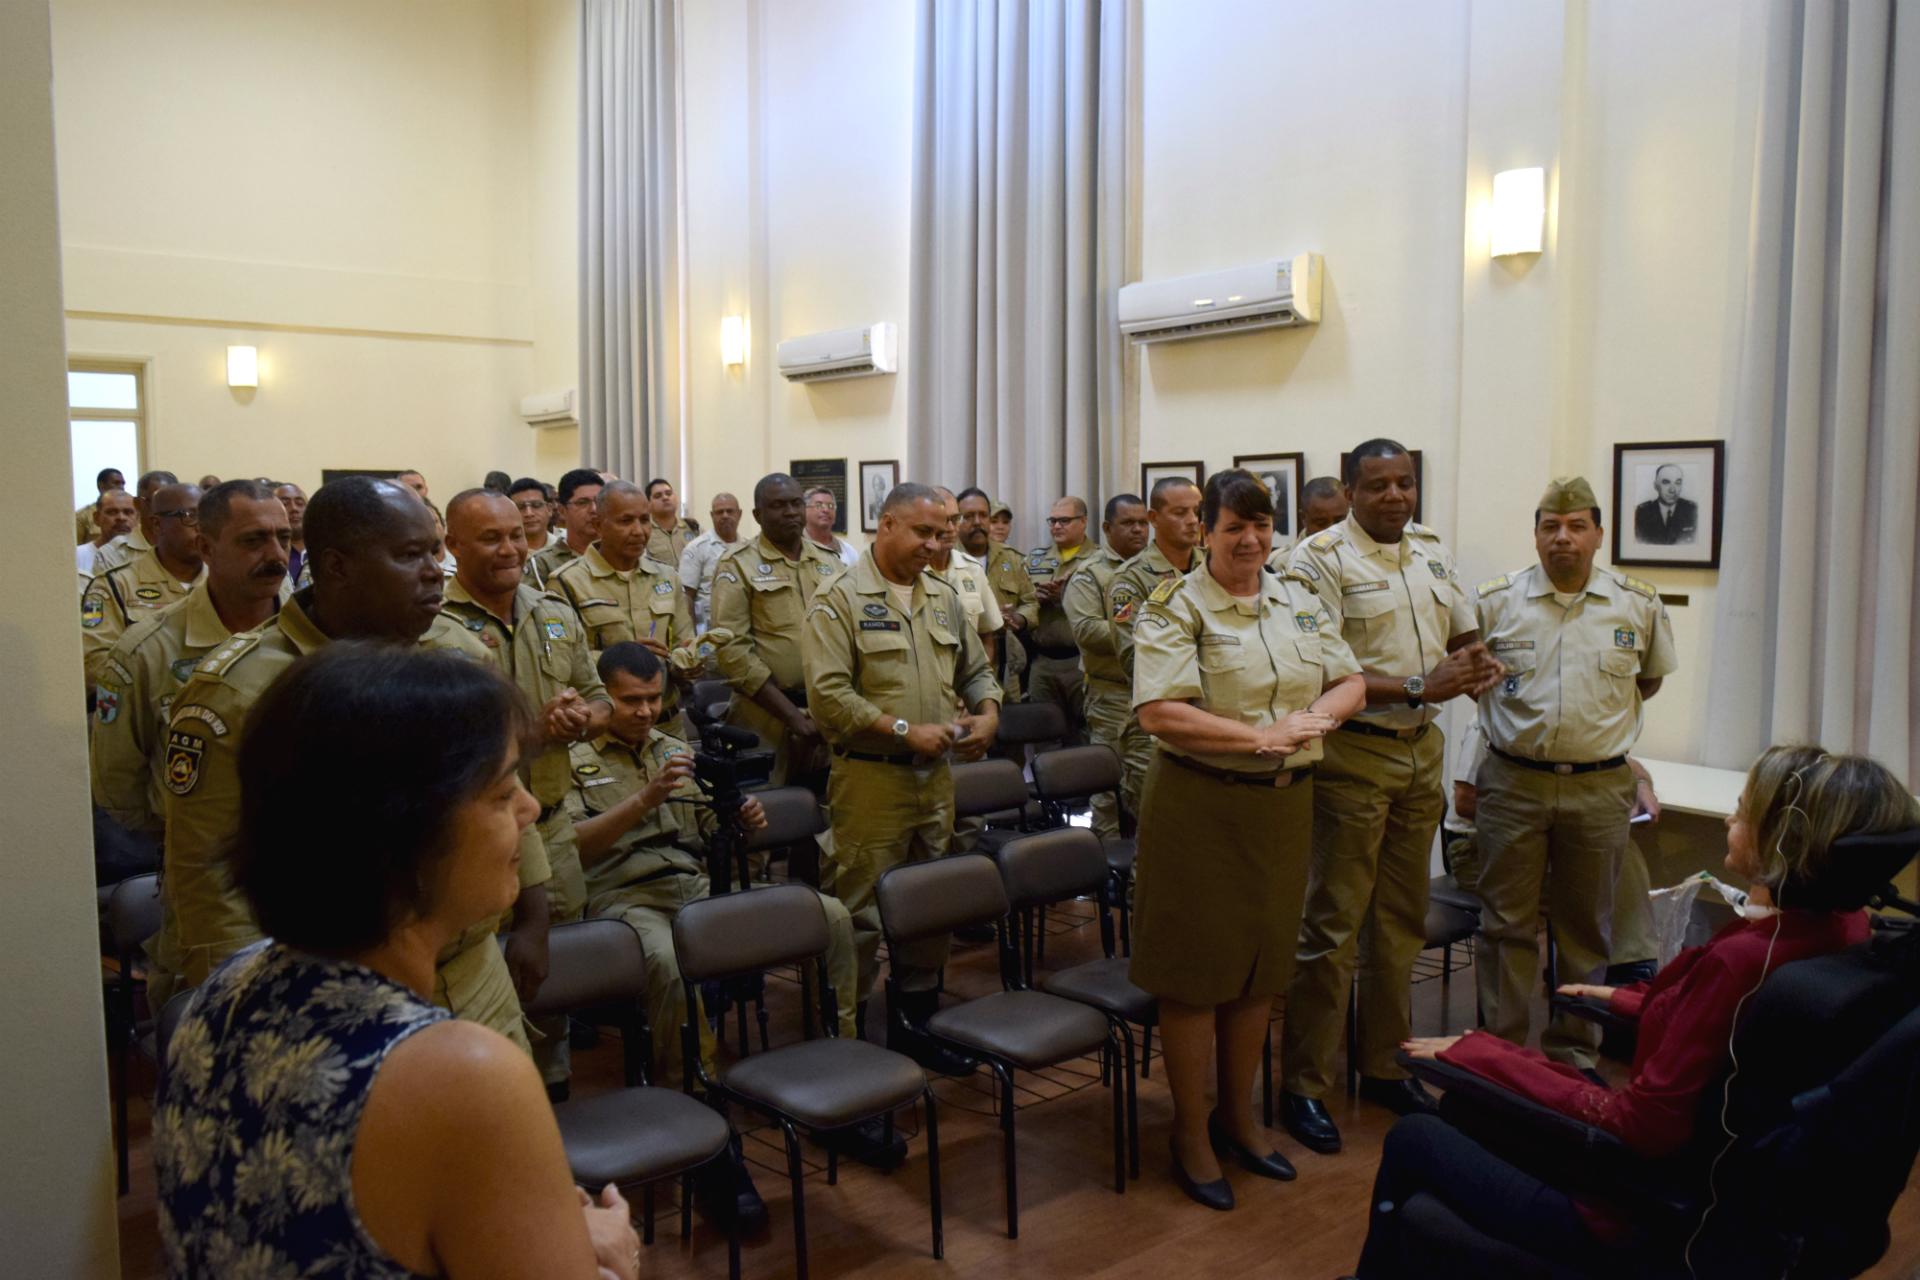 Guarda Municipal inicia curso de atualização de trânsito para 700 guardas municipais